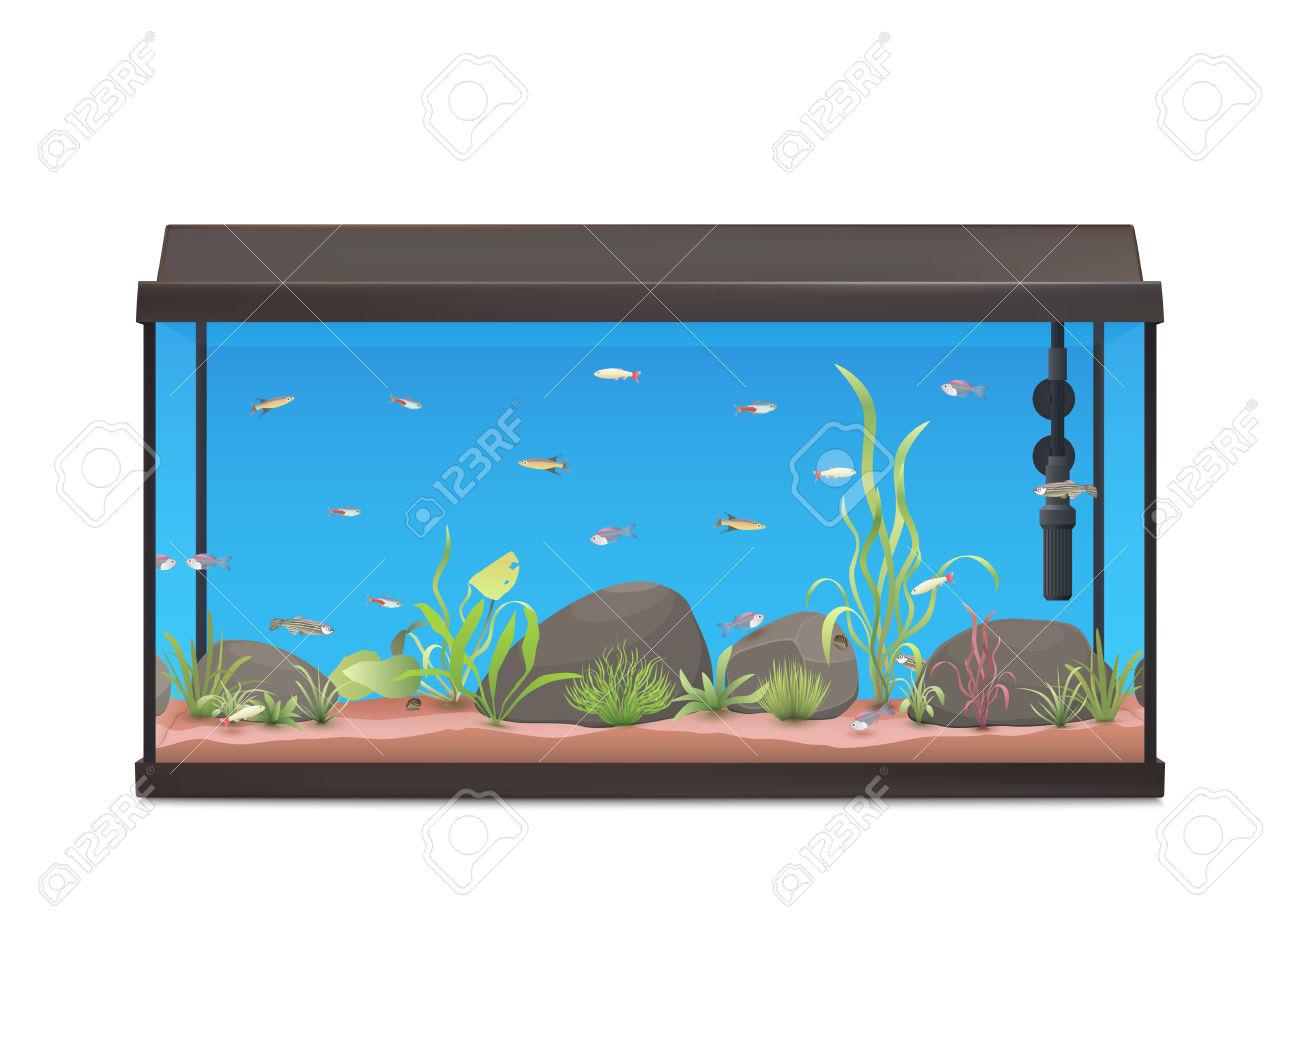 Aquarium clipart empty square aquarium.